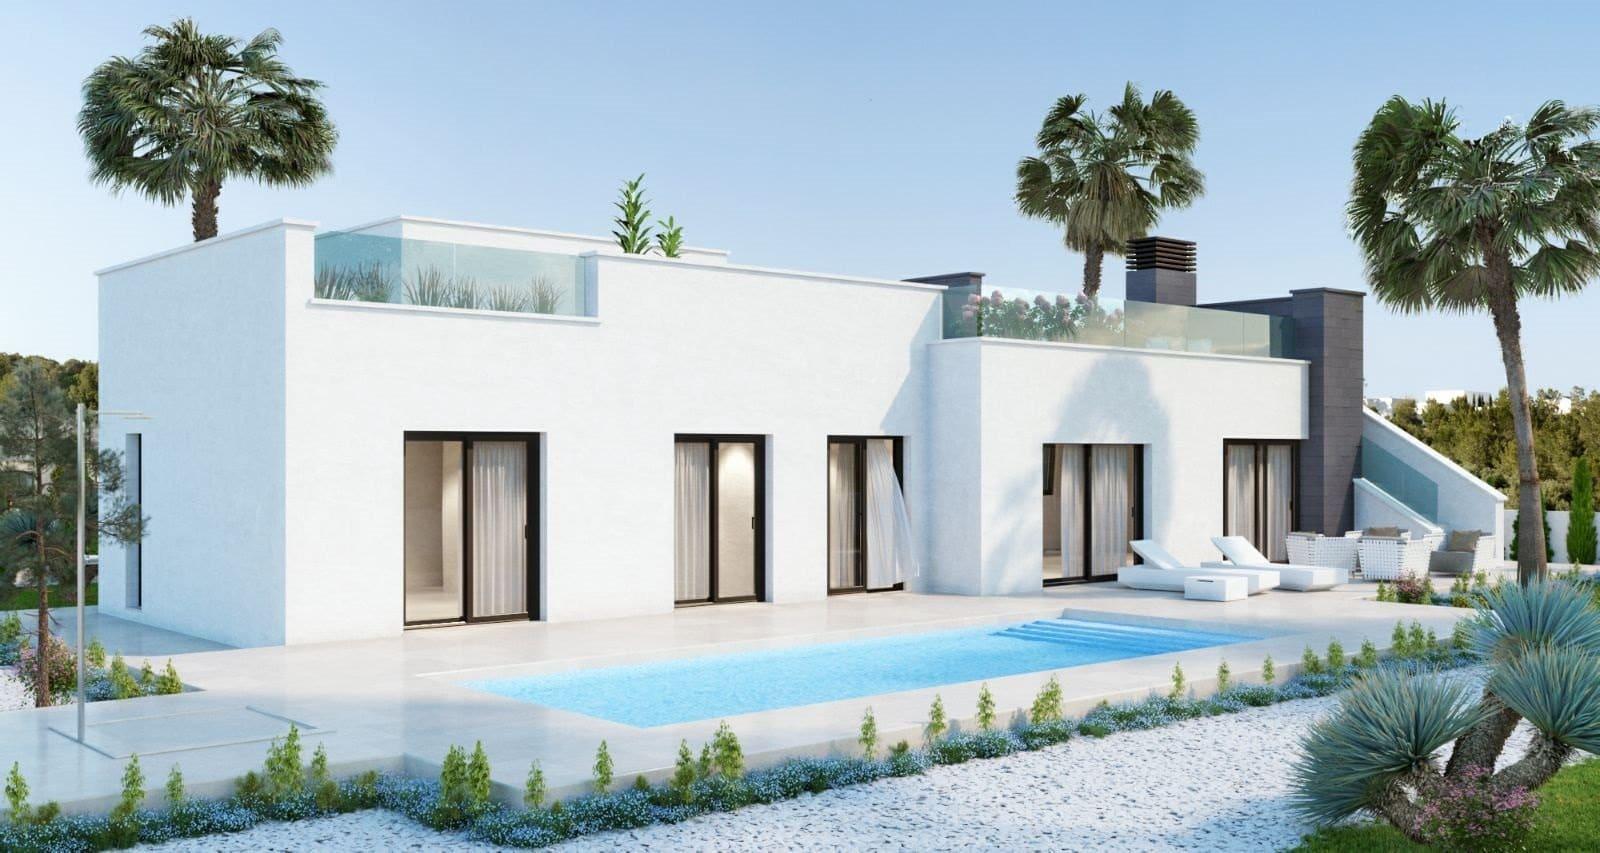 Chalet de 4 habitaciones en Polop en venta con piscina garaje - 449.900 € (Ref: 4356266)